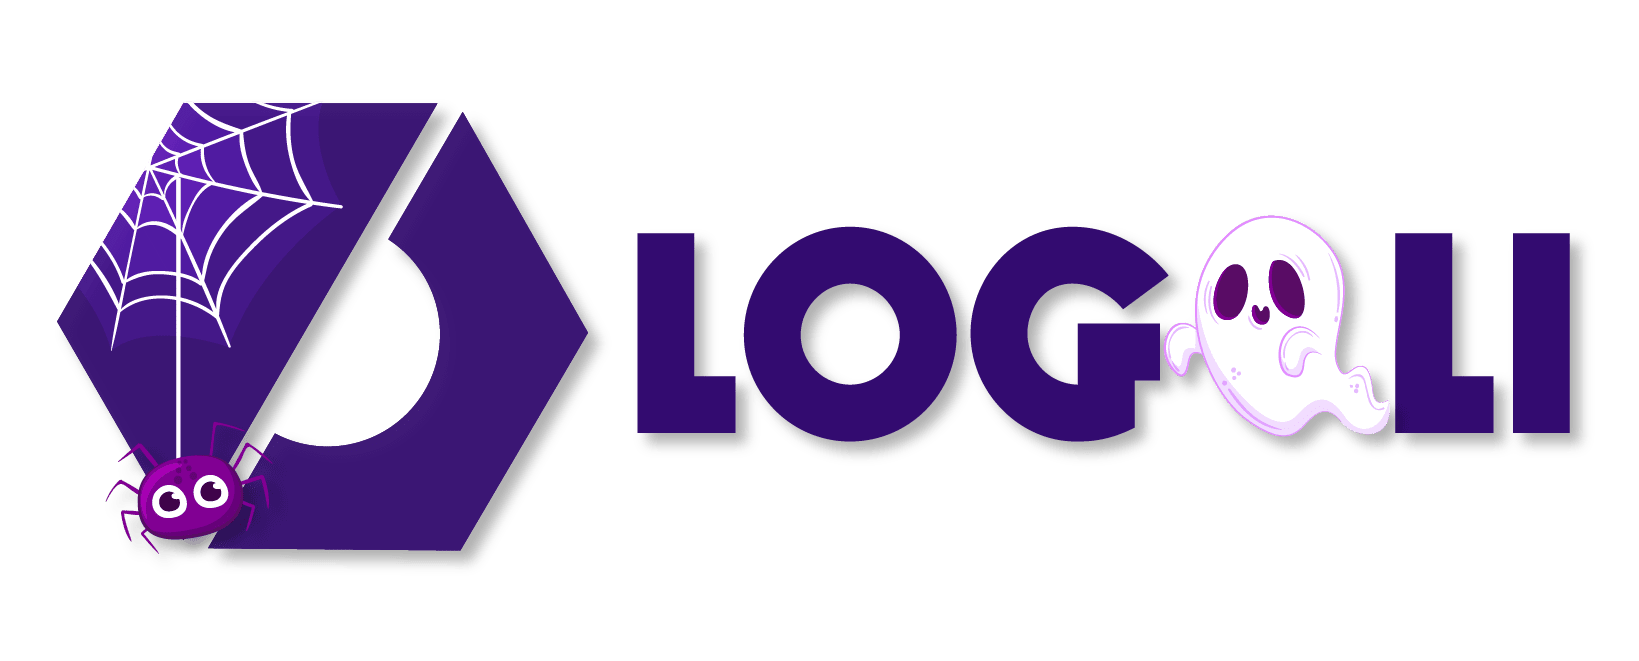 Logali Group